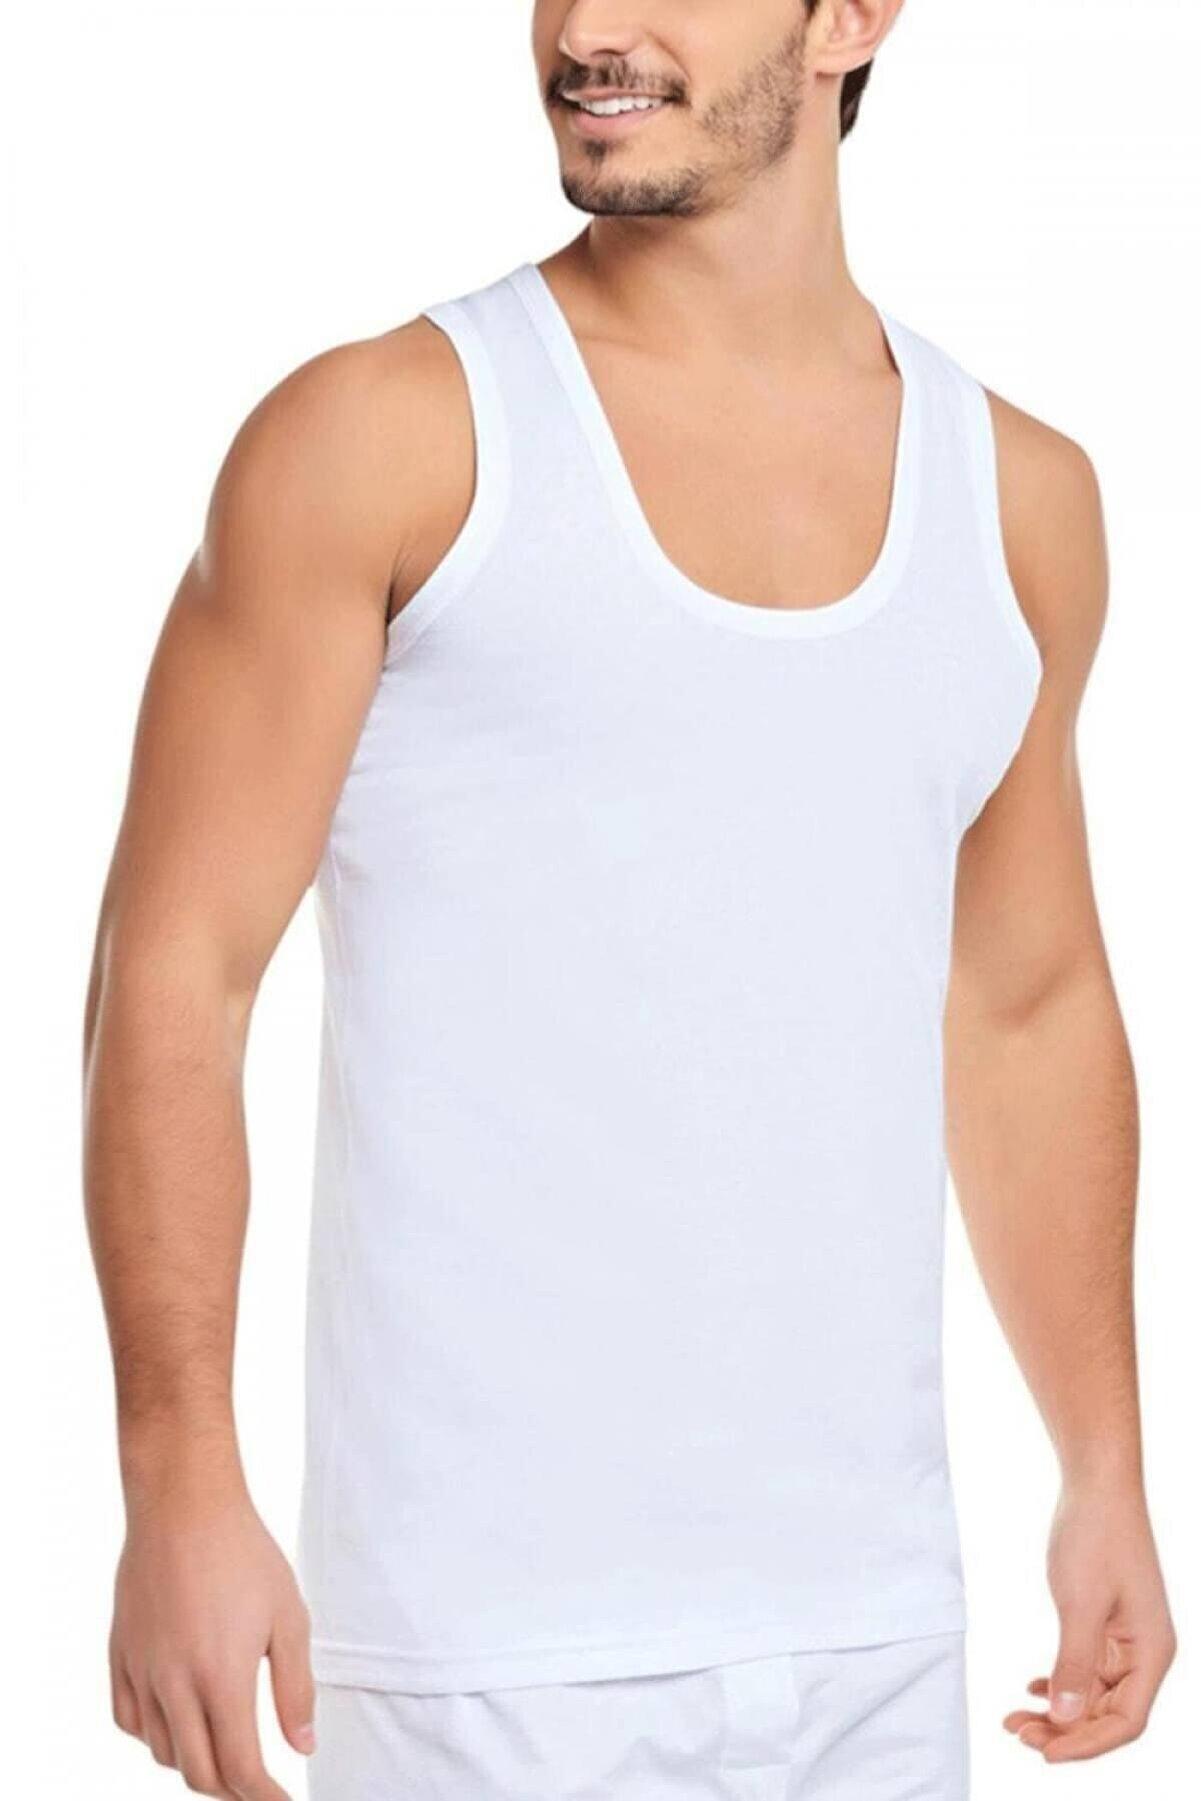 KMK Shop Antibakteriyel Rahat Kesim %80 Pamuk Erkek Atlet